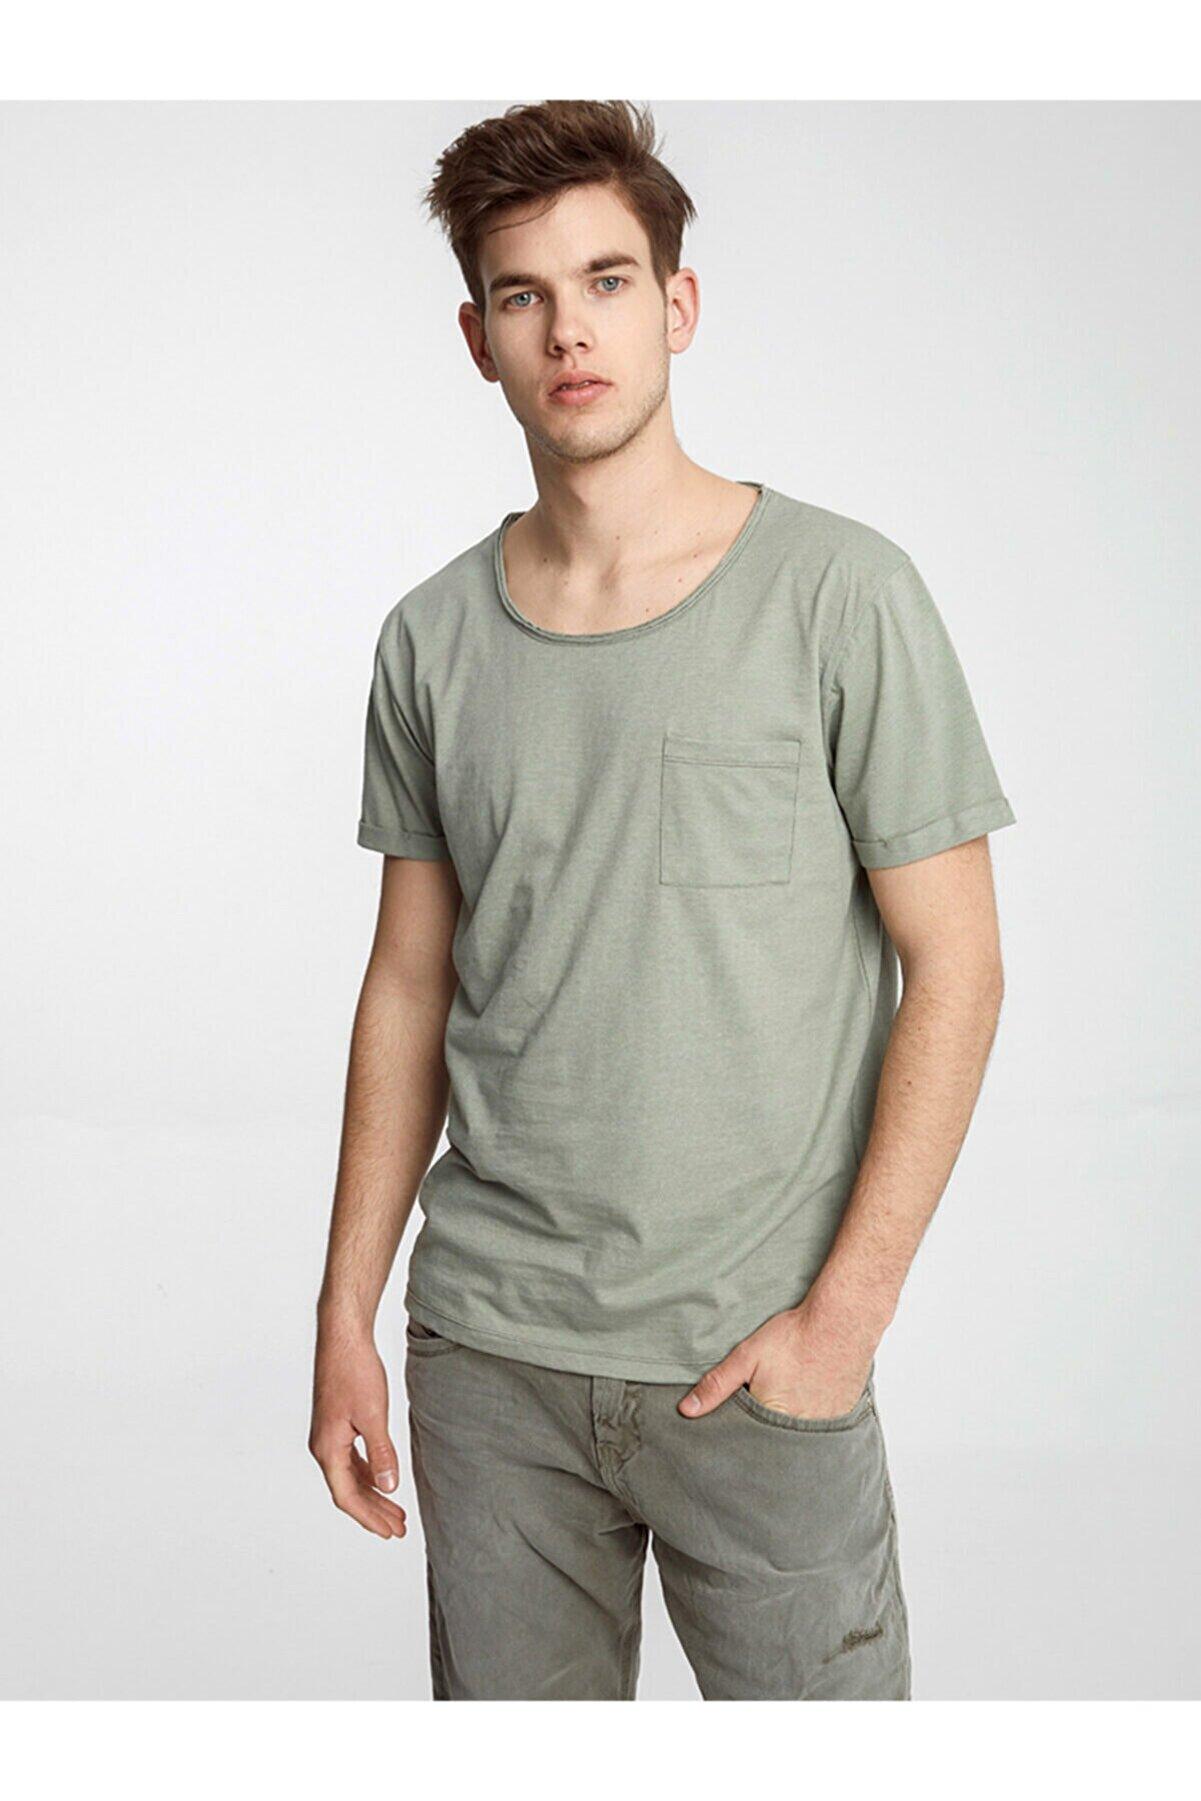 Ltb Erkek  Yeşil  Kısa Kol Geniş Yaka T-Shirt 0121984506607930000